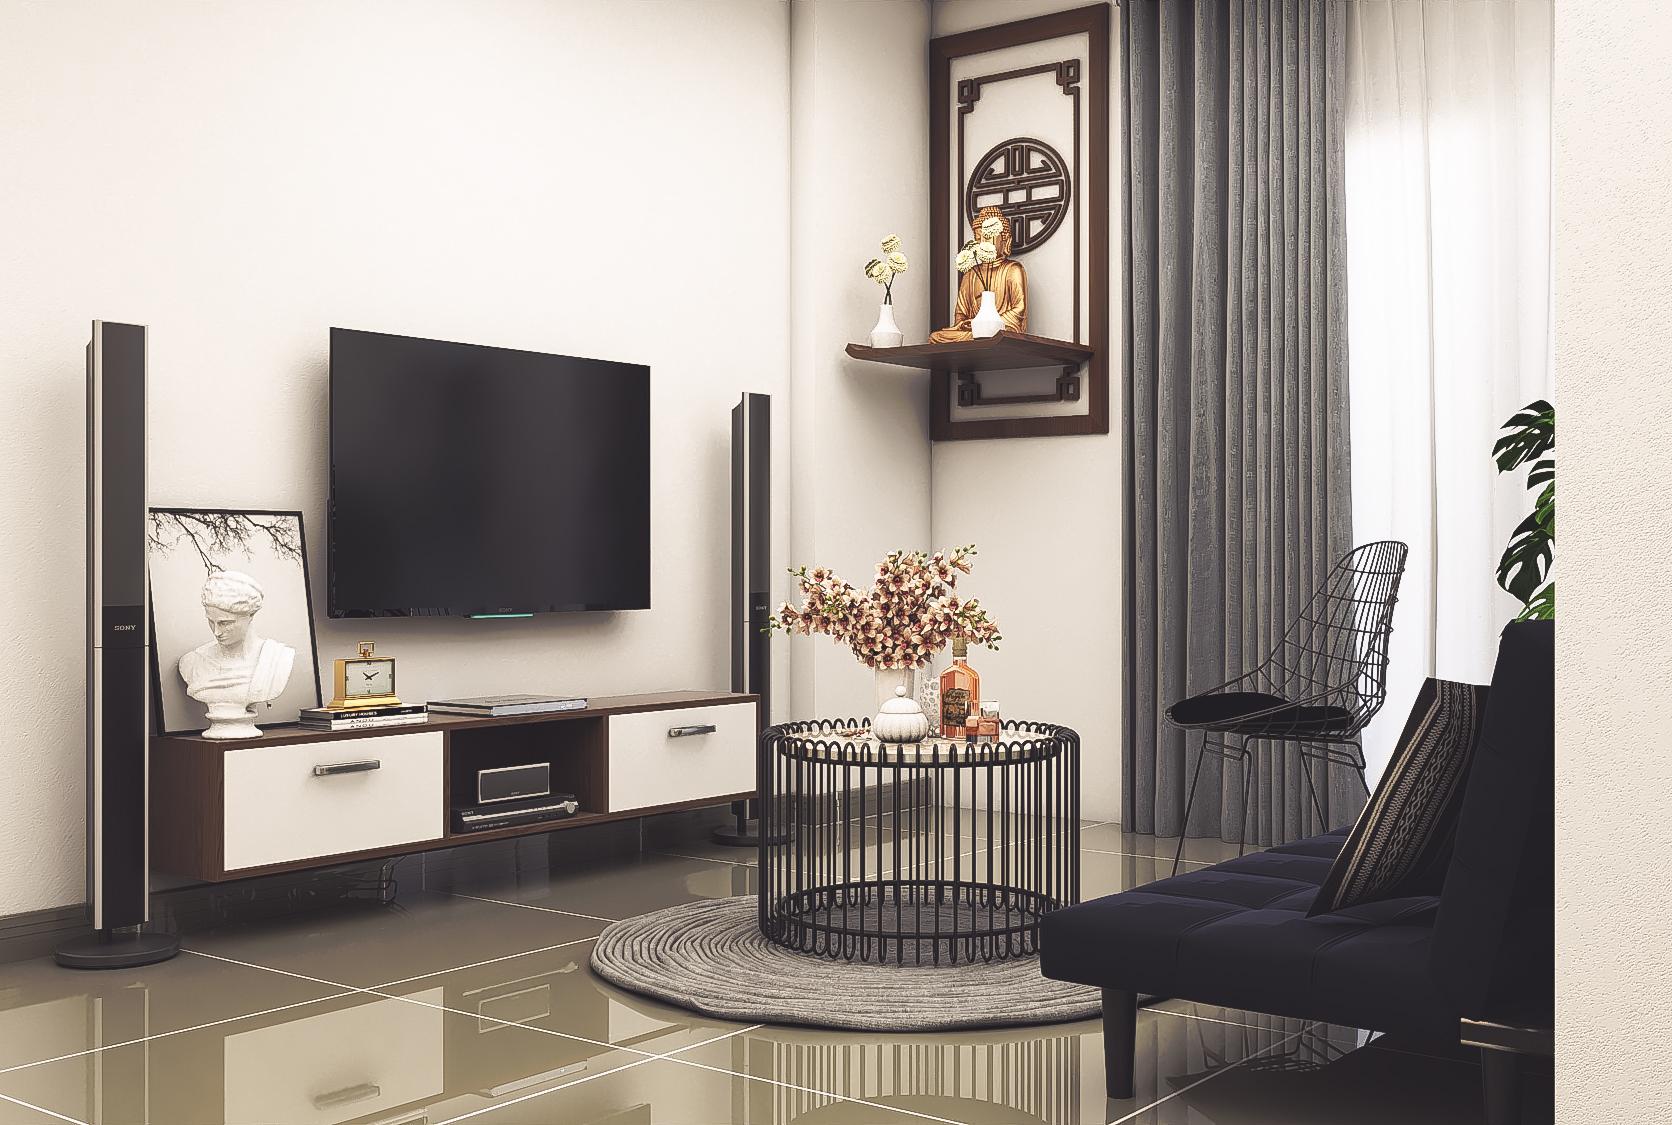 Thiết kế nội thất Chung Cư tại Hồ Chí Minh CĂN HỘ CHỊ TRÚC Q8 1576045381 20